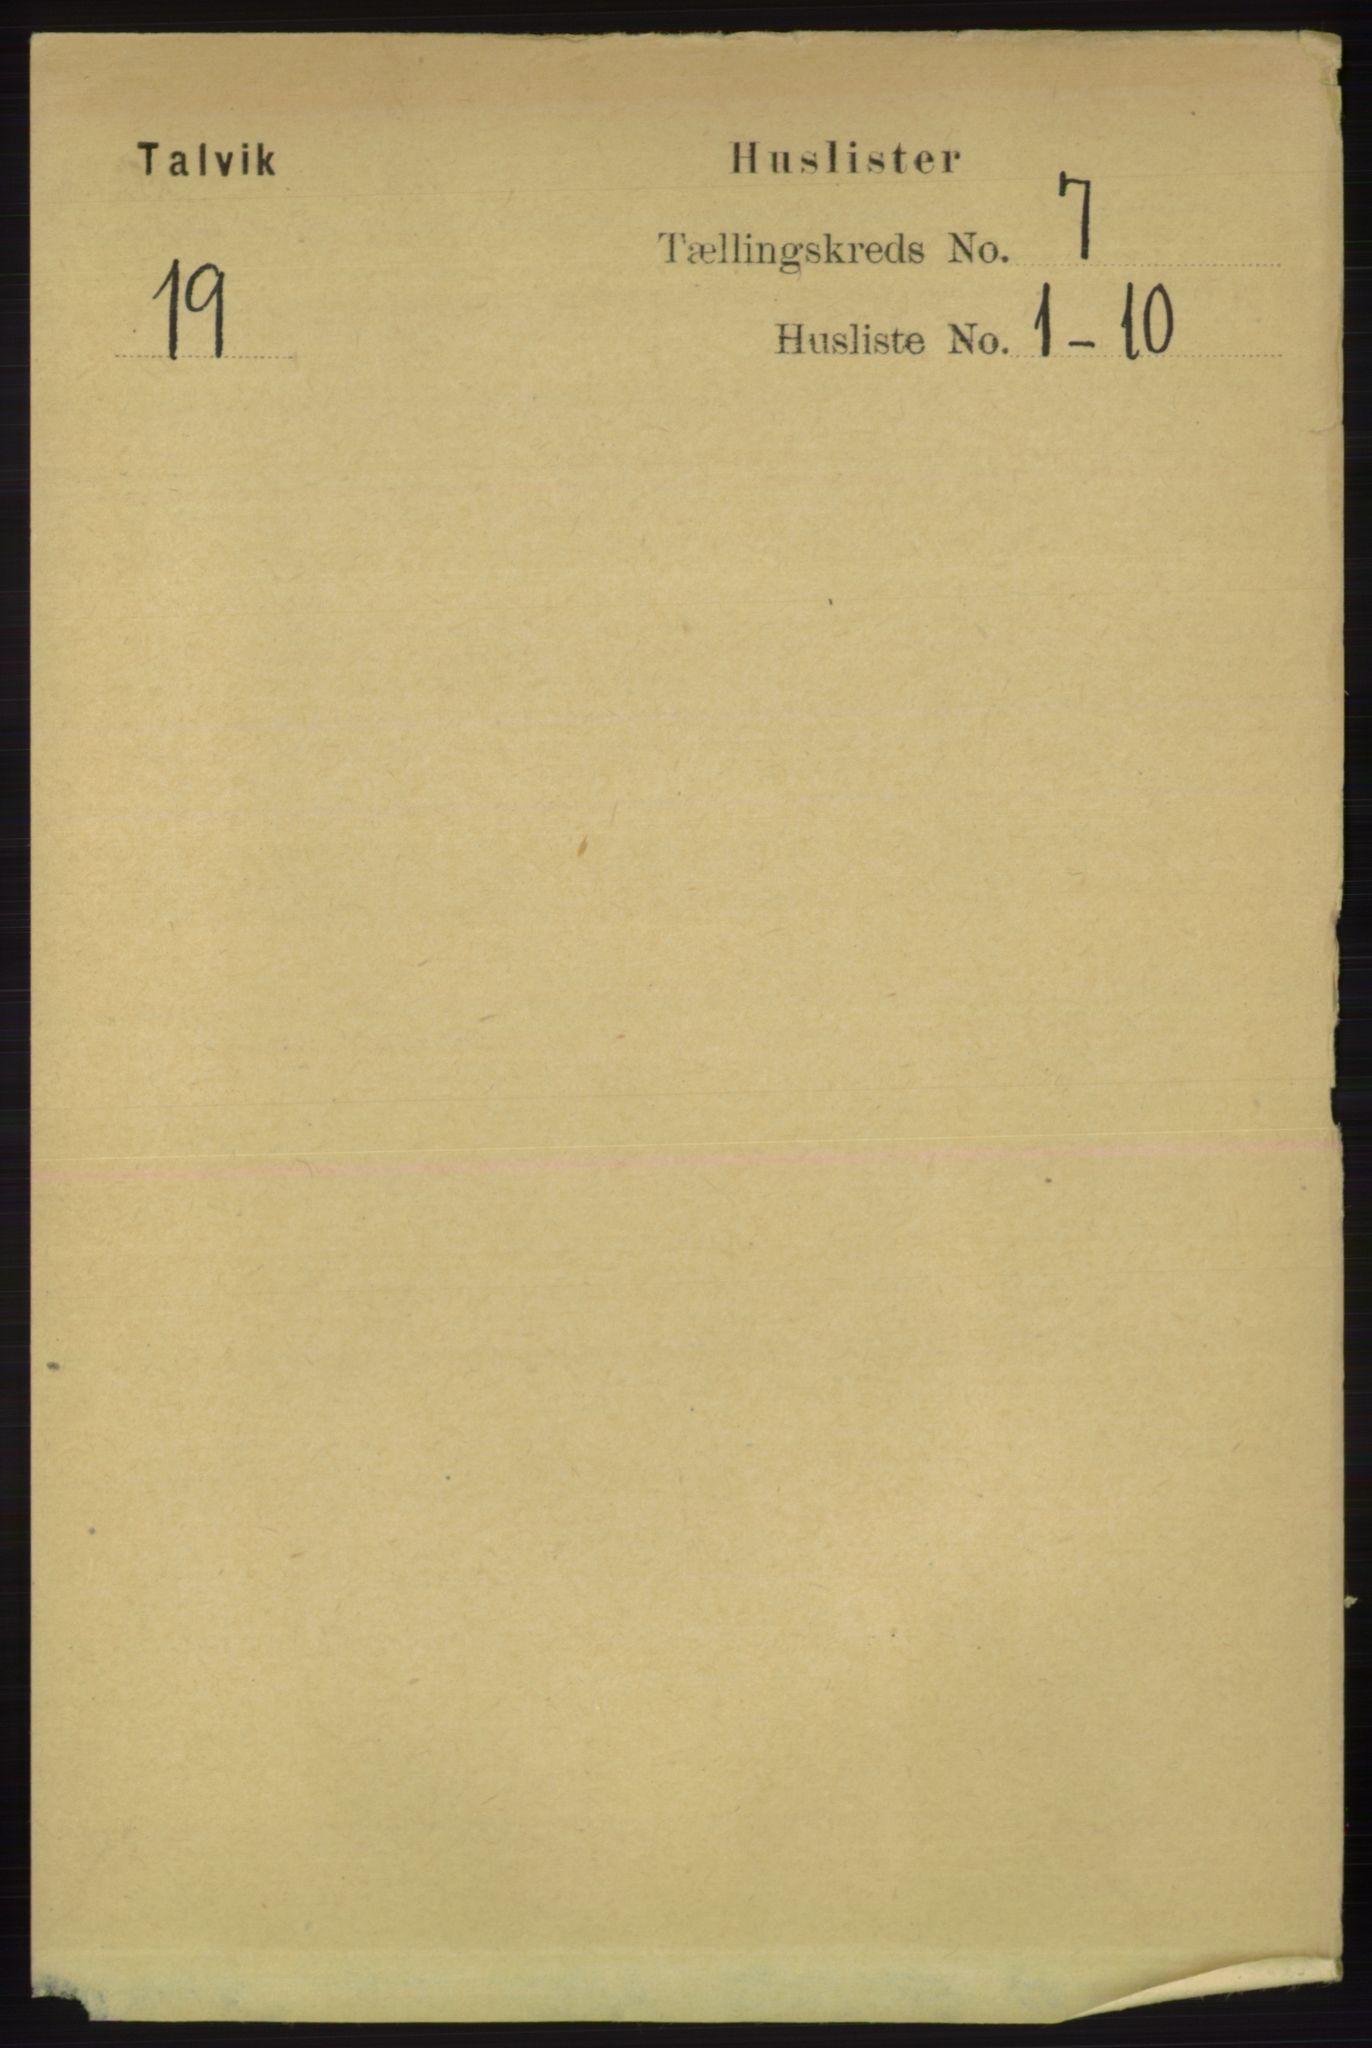 RA, Folketelling 1891 for 2013 Talvik herred, 1891, s. 1961